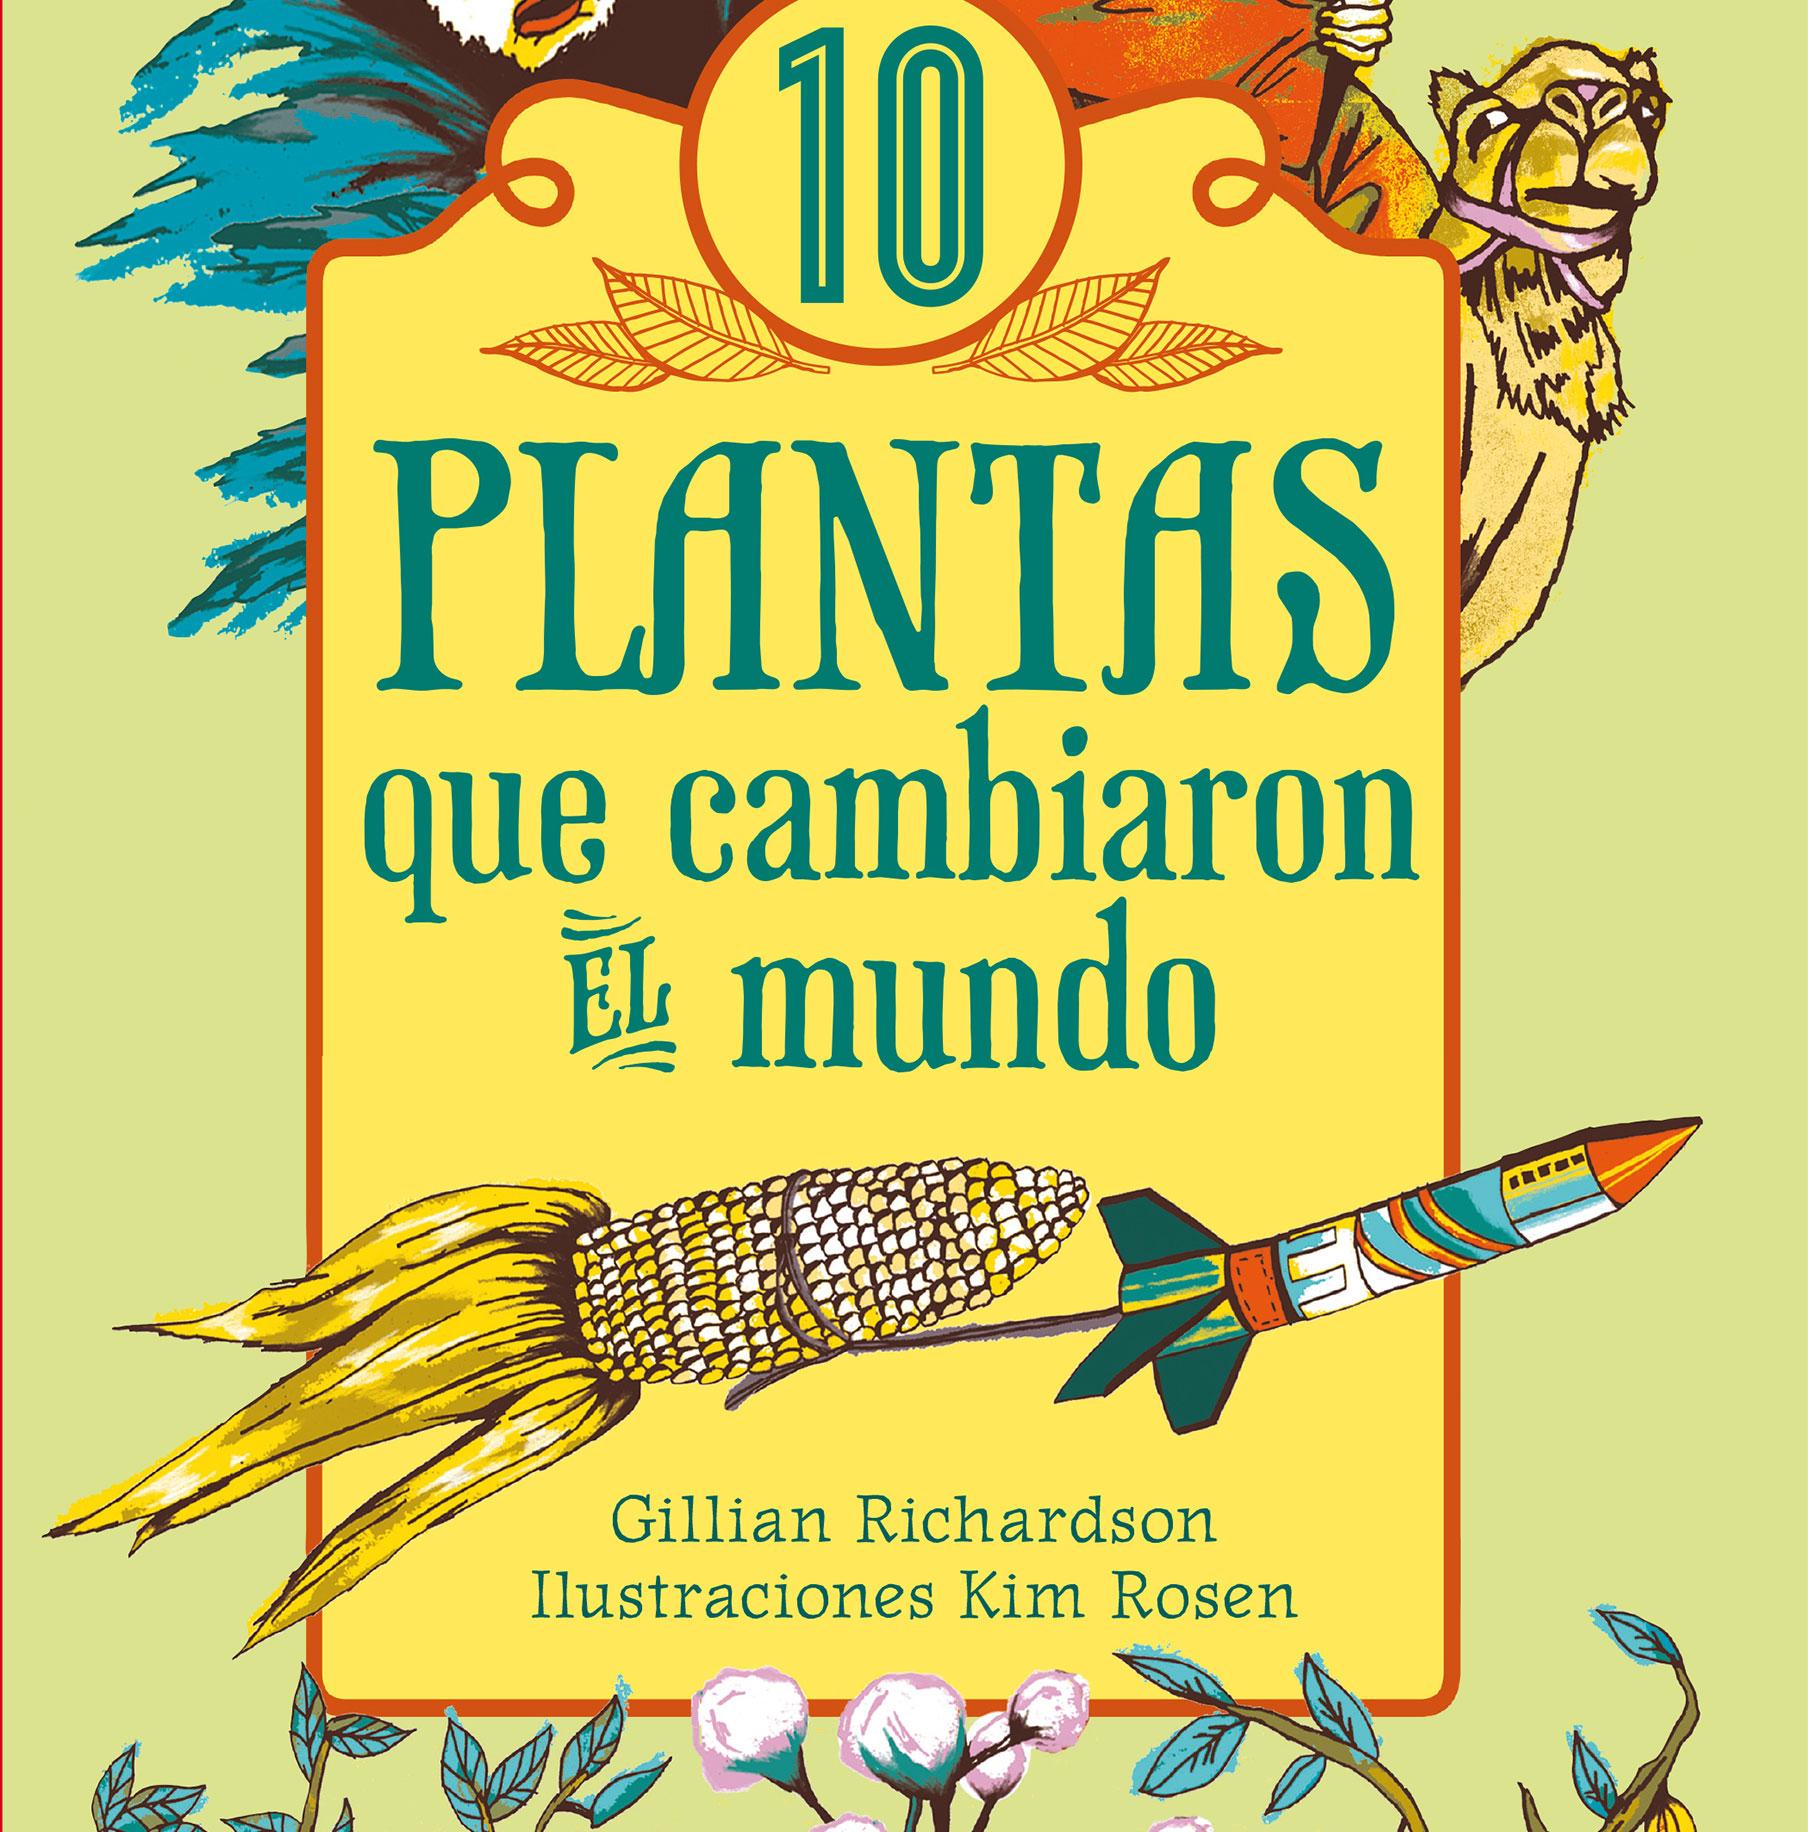 Richardson, Gillian 10 plantas que cambiaron el mundo